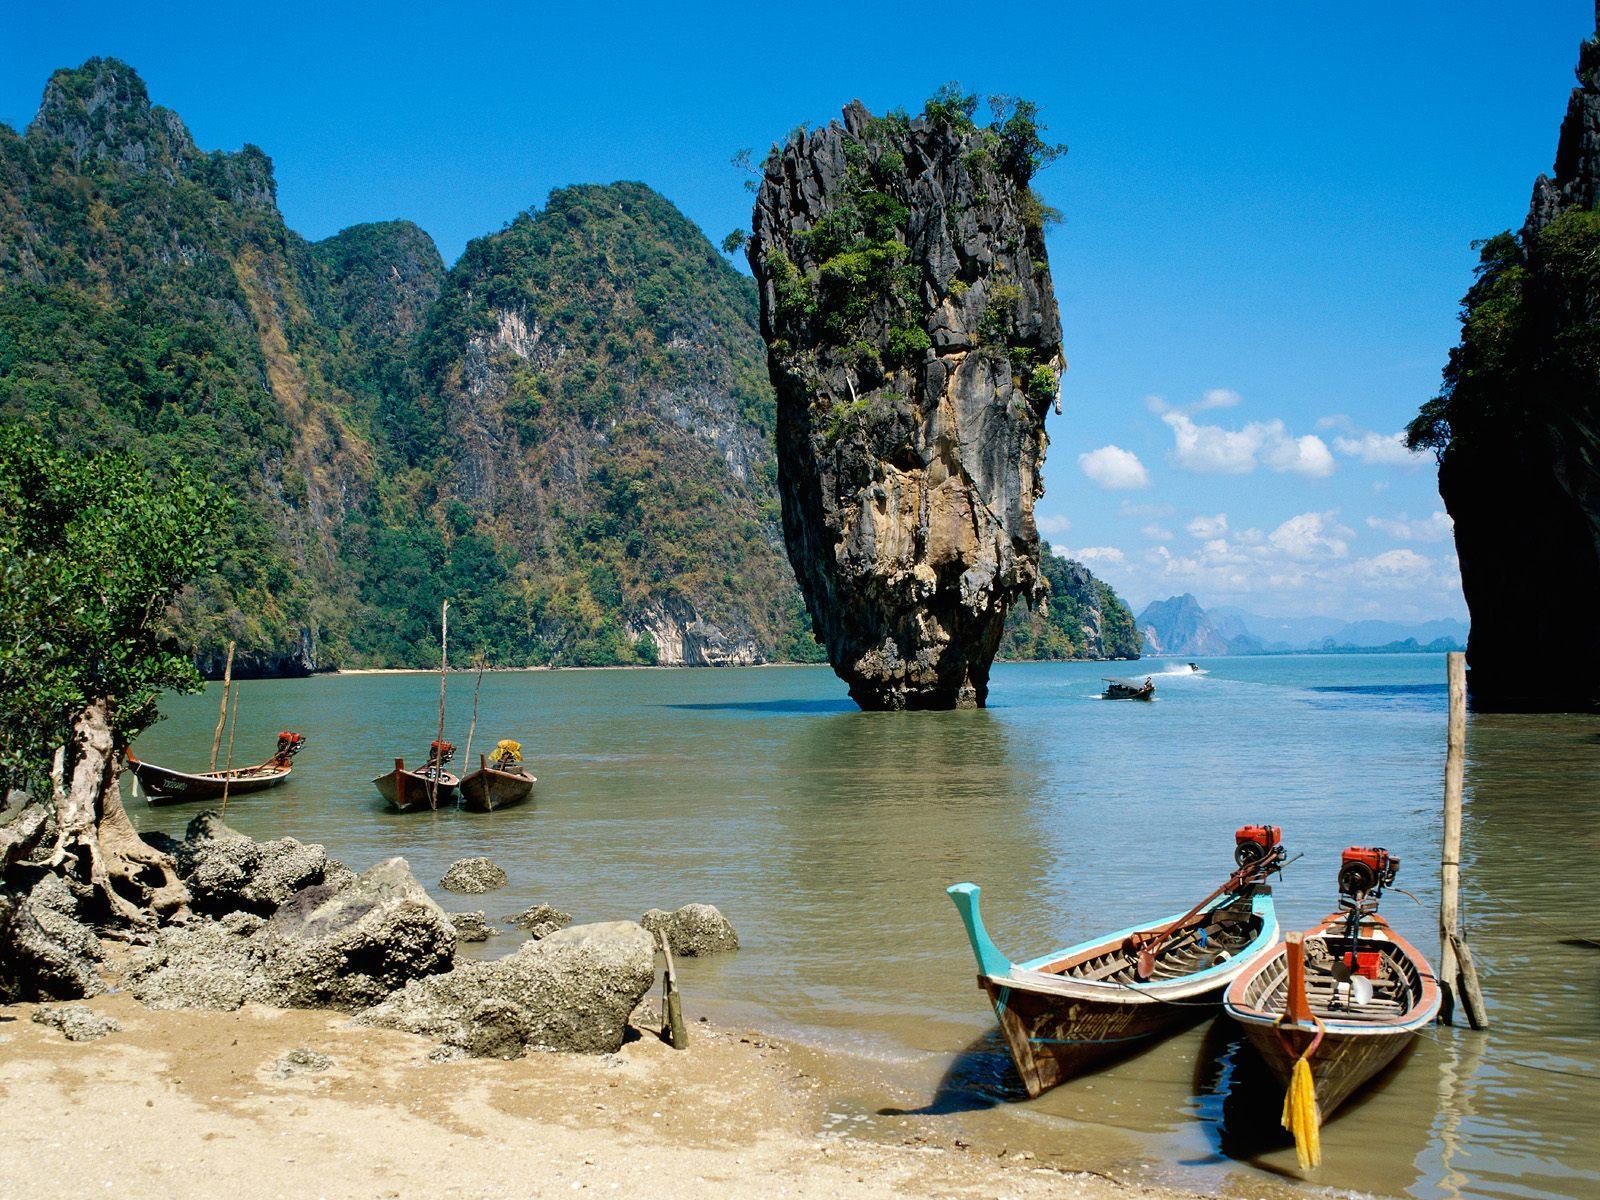 http://1.bp.blogspot.com/-QuqetZG4WDA/TwK1of-76bI/AAAAAAAABJM/uNMJnJKX--U/s1600/thailand-wallpaper-11-733536.jpg